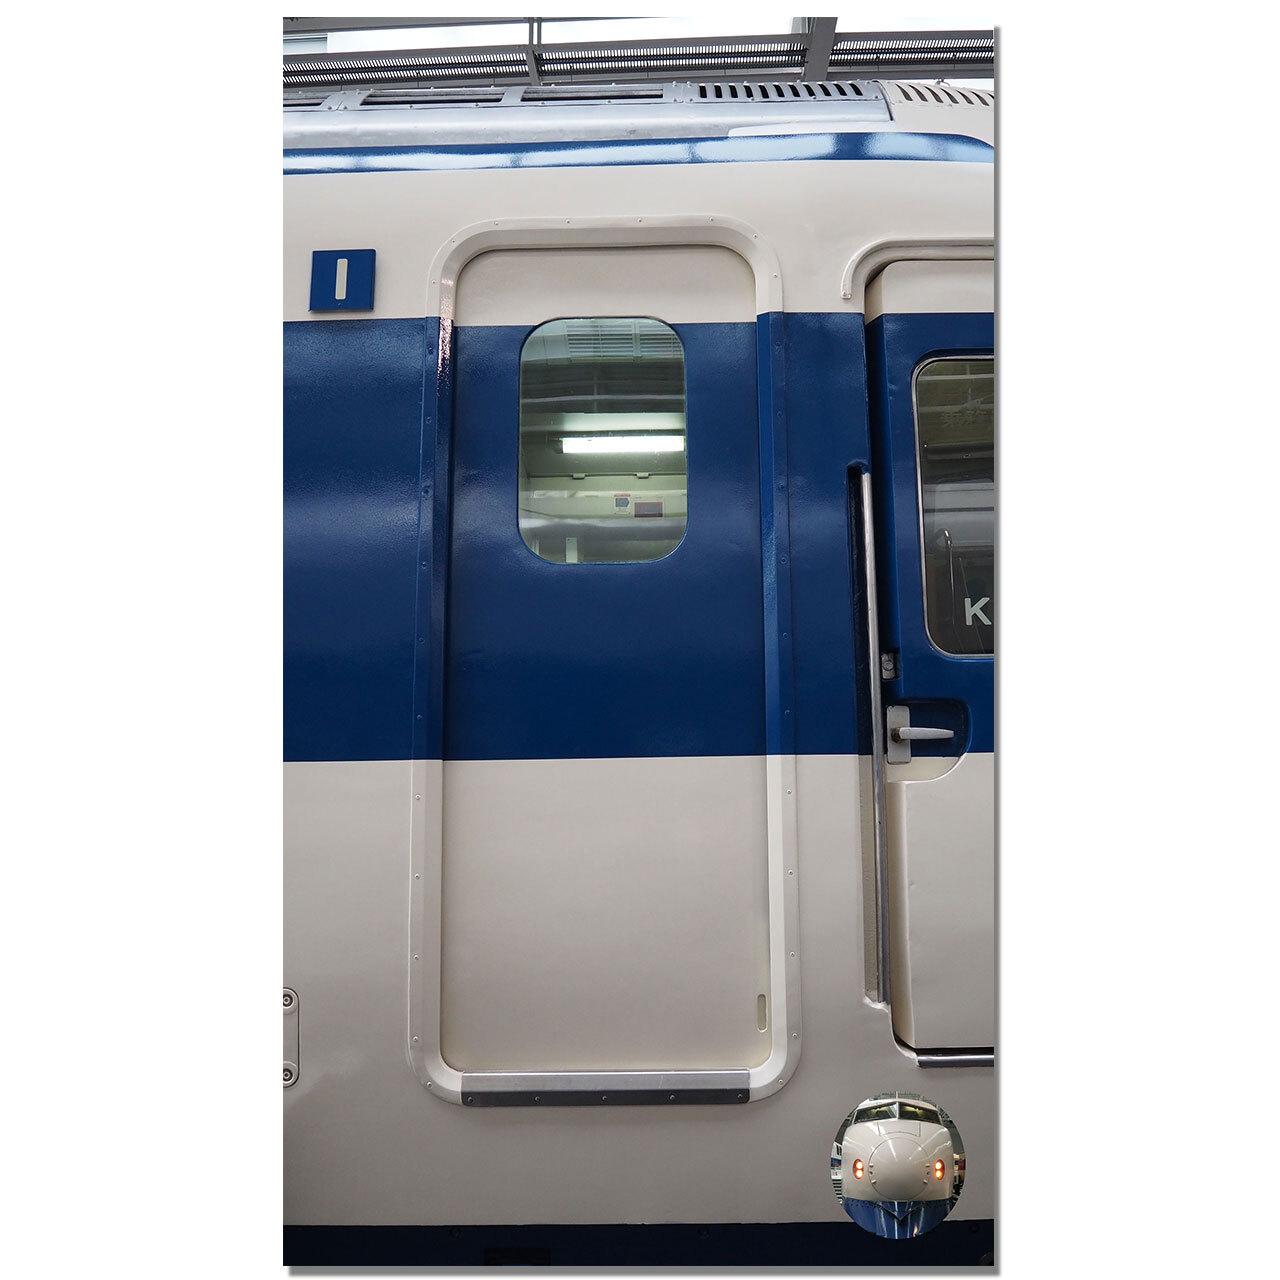 【4589839356824予】新幹線 マルチタペストリーのれん 0系ドア